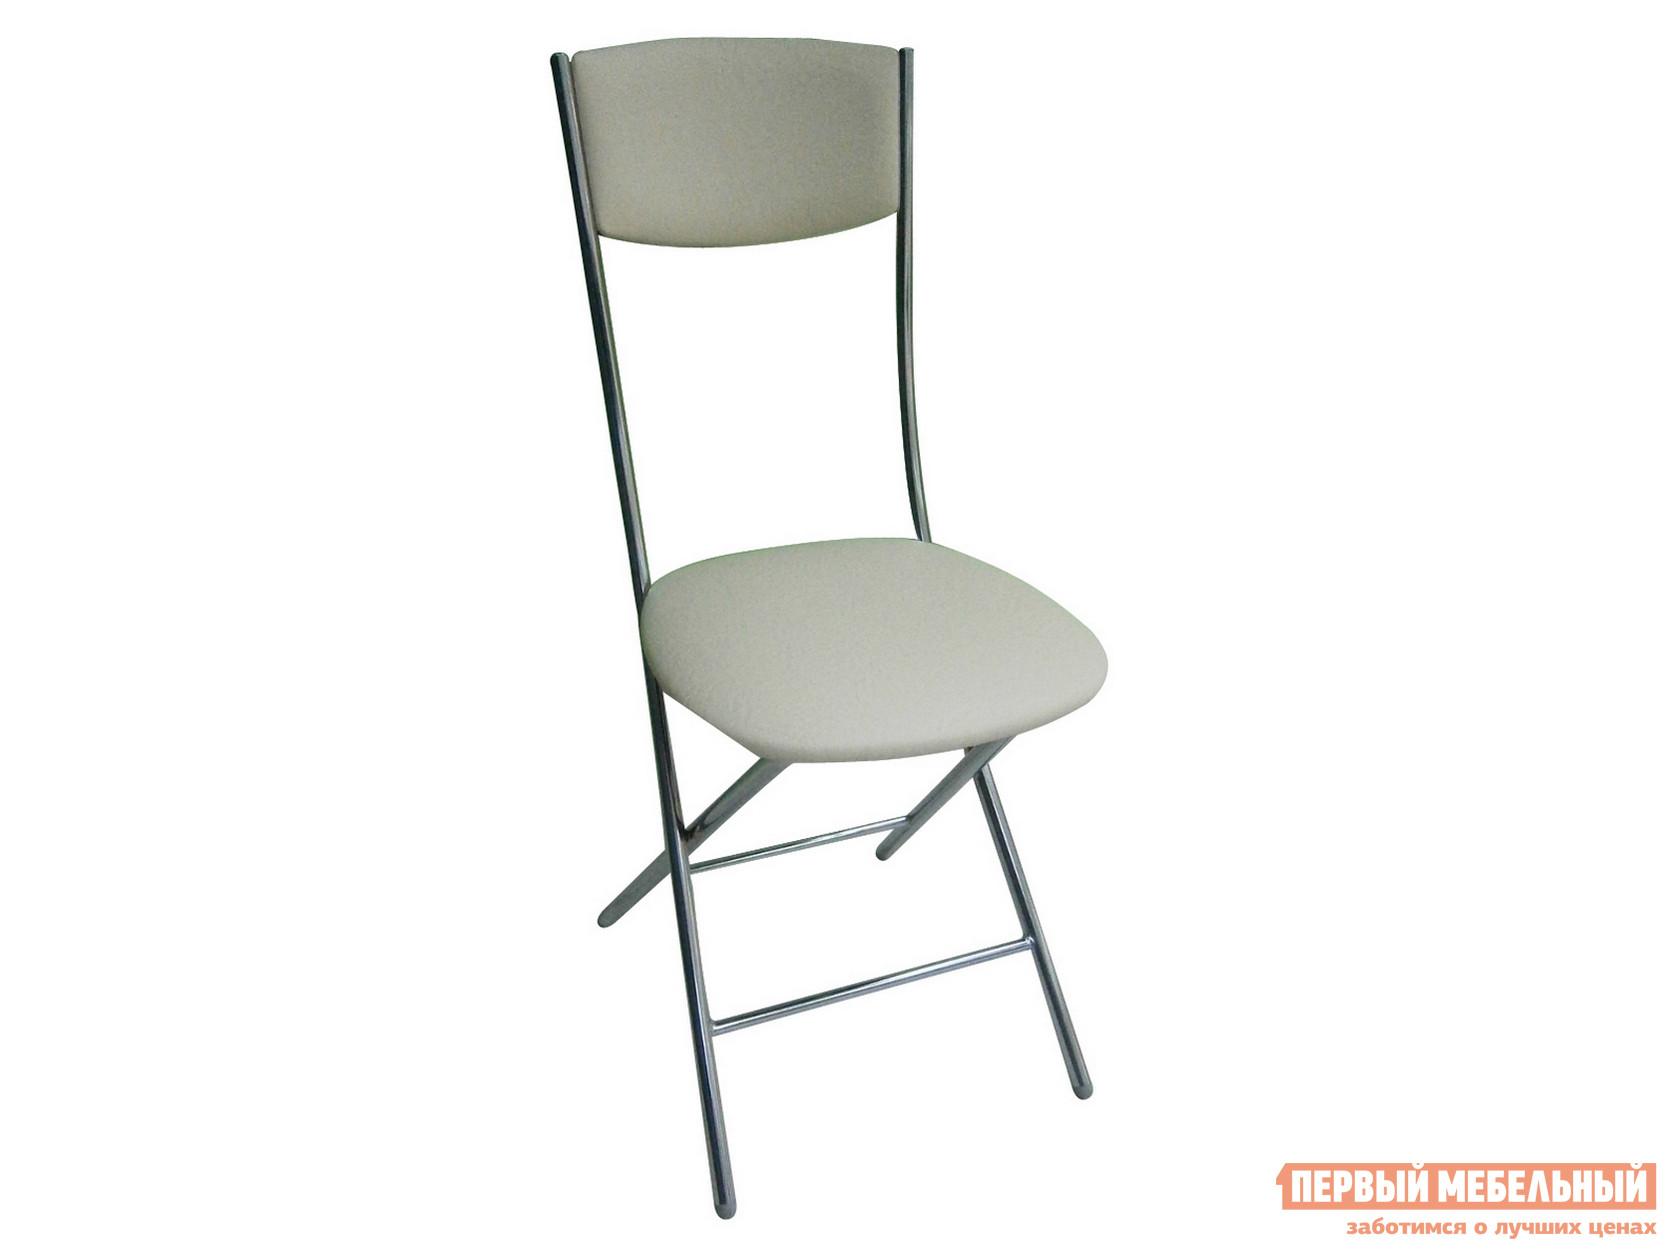 Стул складной Первый Мебельный Ильма складной цены